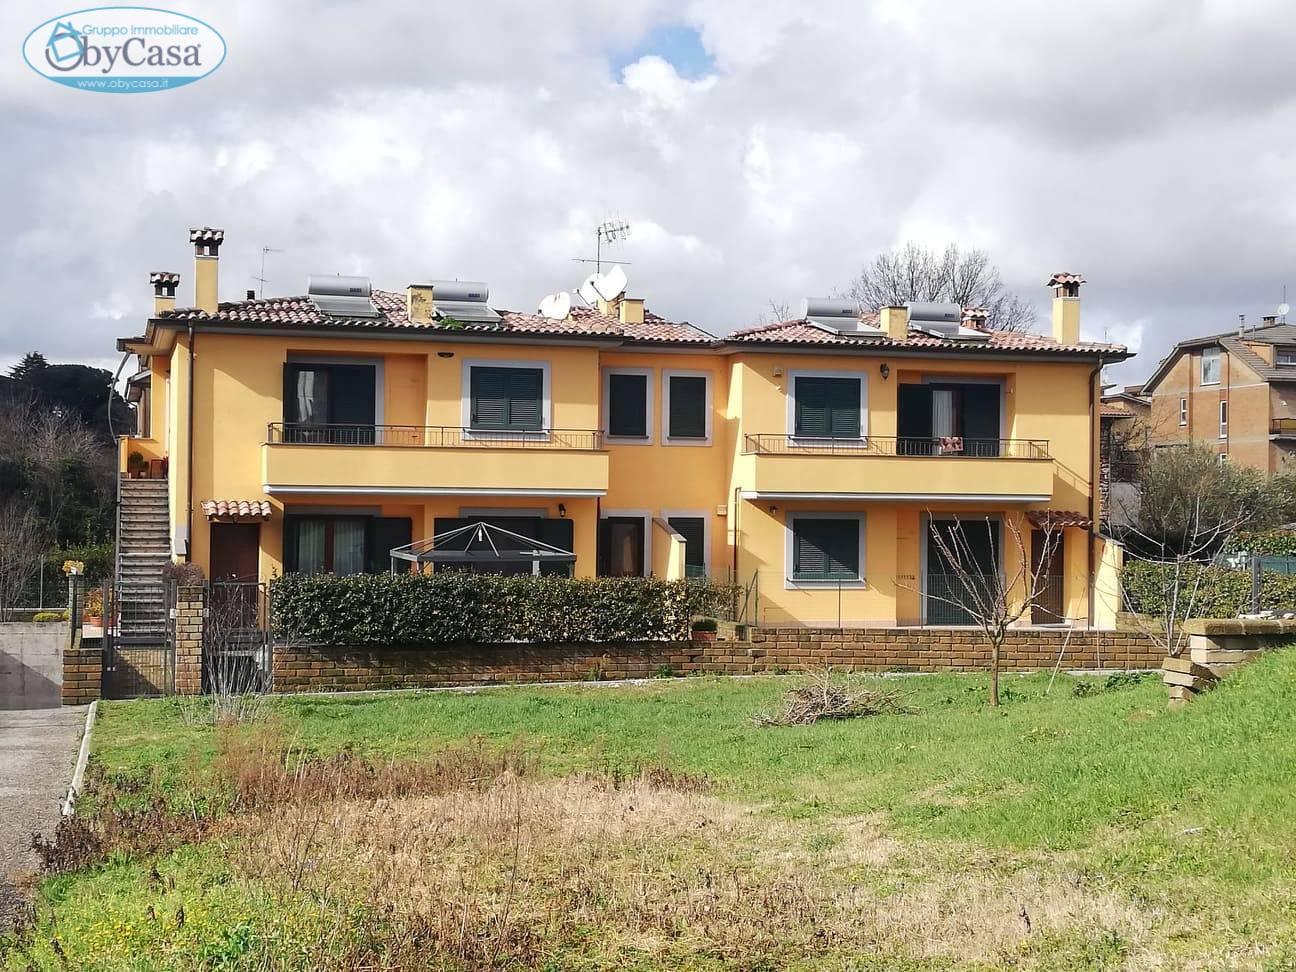 Soluzione Indipendente in vendita a Bassano Romano, 5 locali, zona Località: bassanoromano, prezzo € 129.000 | CambioCasa.it